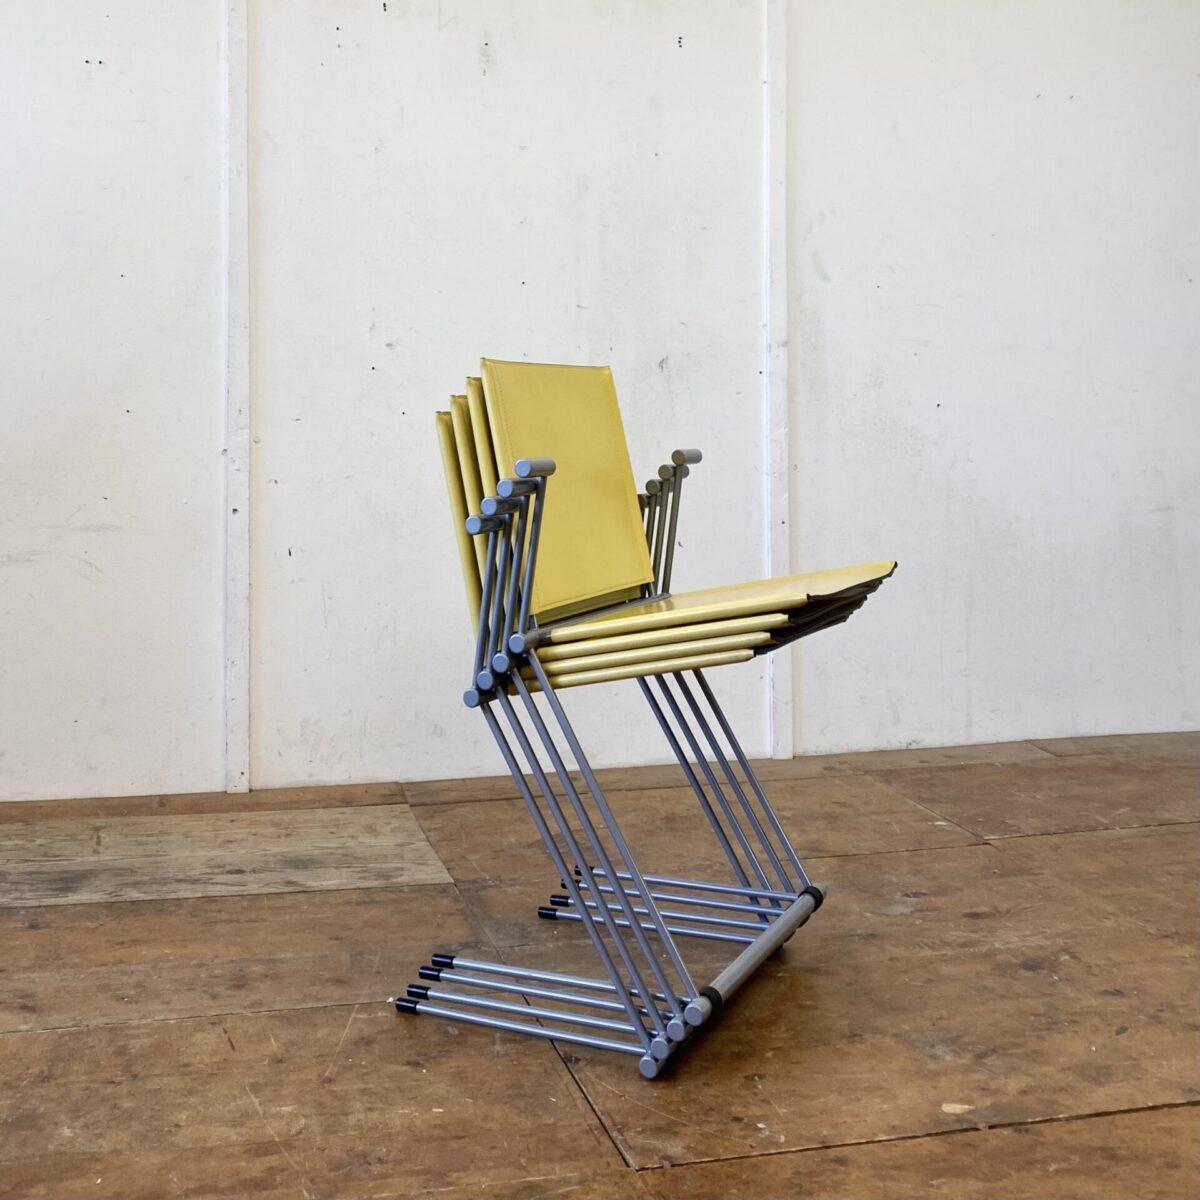 Deuxieme.shop 4er Set Matteo Grassi Stühle von Herbert Ohl, Modell Ballerina mit Armlehnen. Die Stühle sind Stapelbar, das Stahlgestell ist silbrig lackiert. Sitz und Lehne aus gelbem Kernleder. Guter Allgemein Zustand mit minimaler Patina.